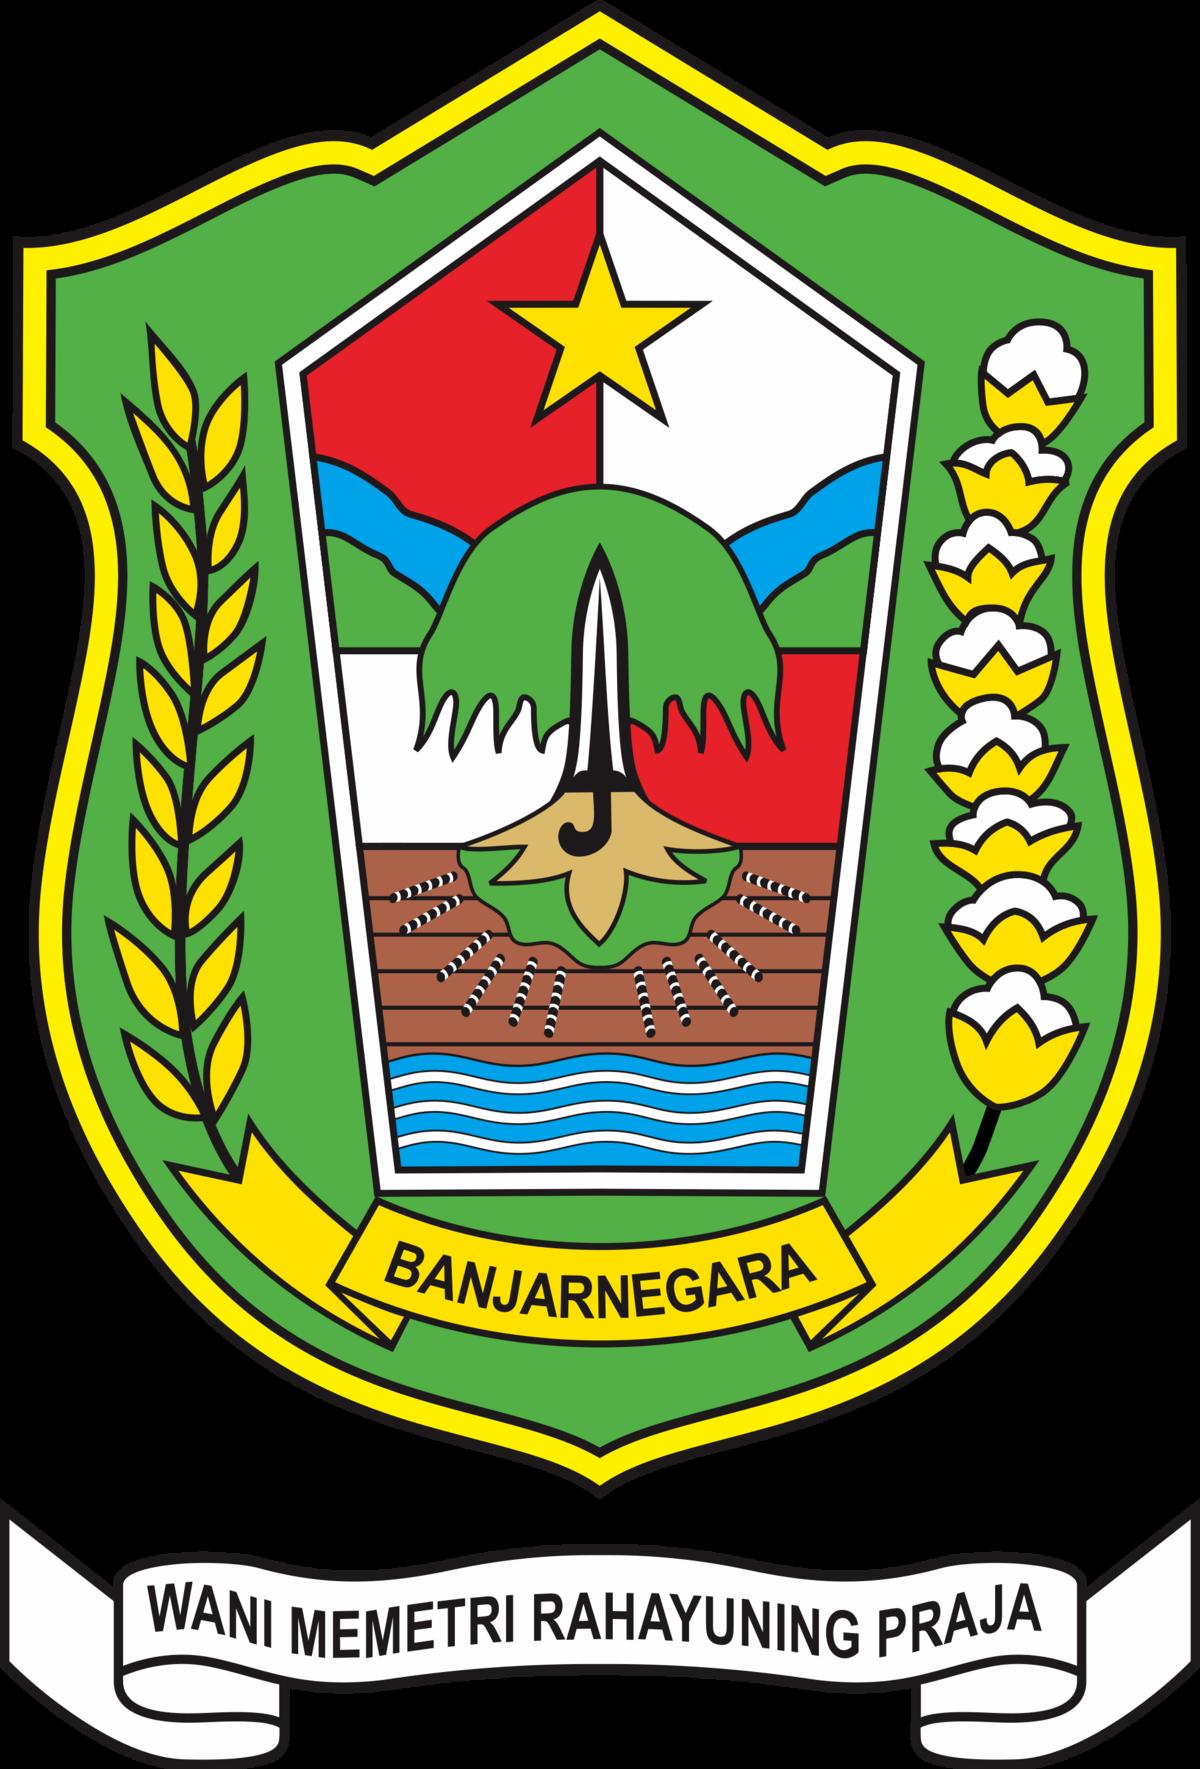 Kabupaten Banjarnegara Wikipedia Bahasa Indonesia Ensiklopedia Bebas Miniatur Rumah Burung